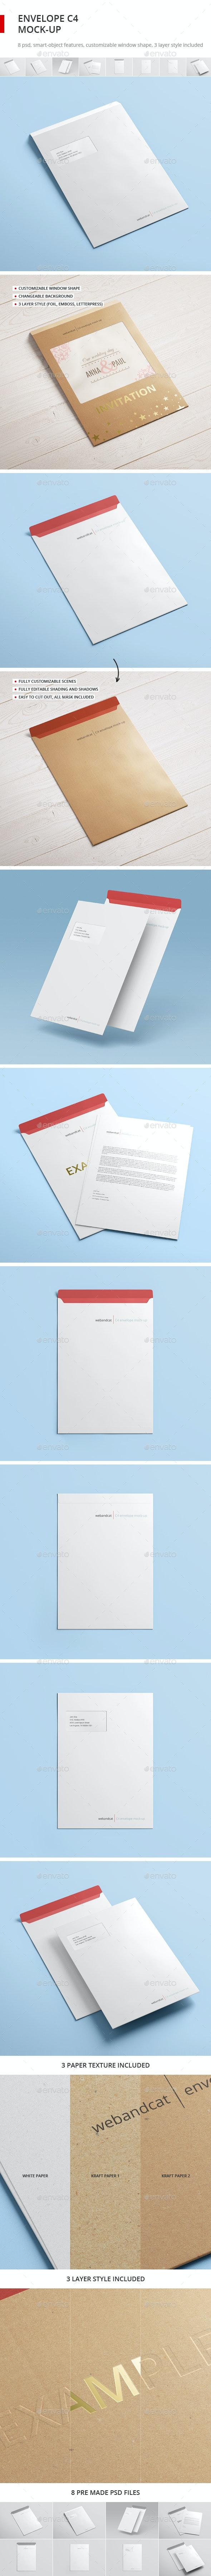 Envelope C4 Mock-up - Stationery Print